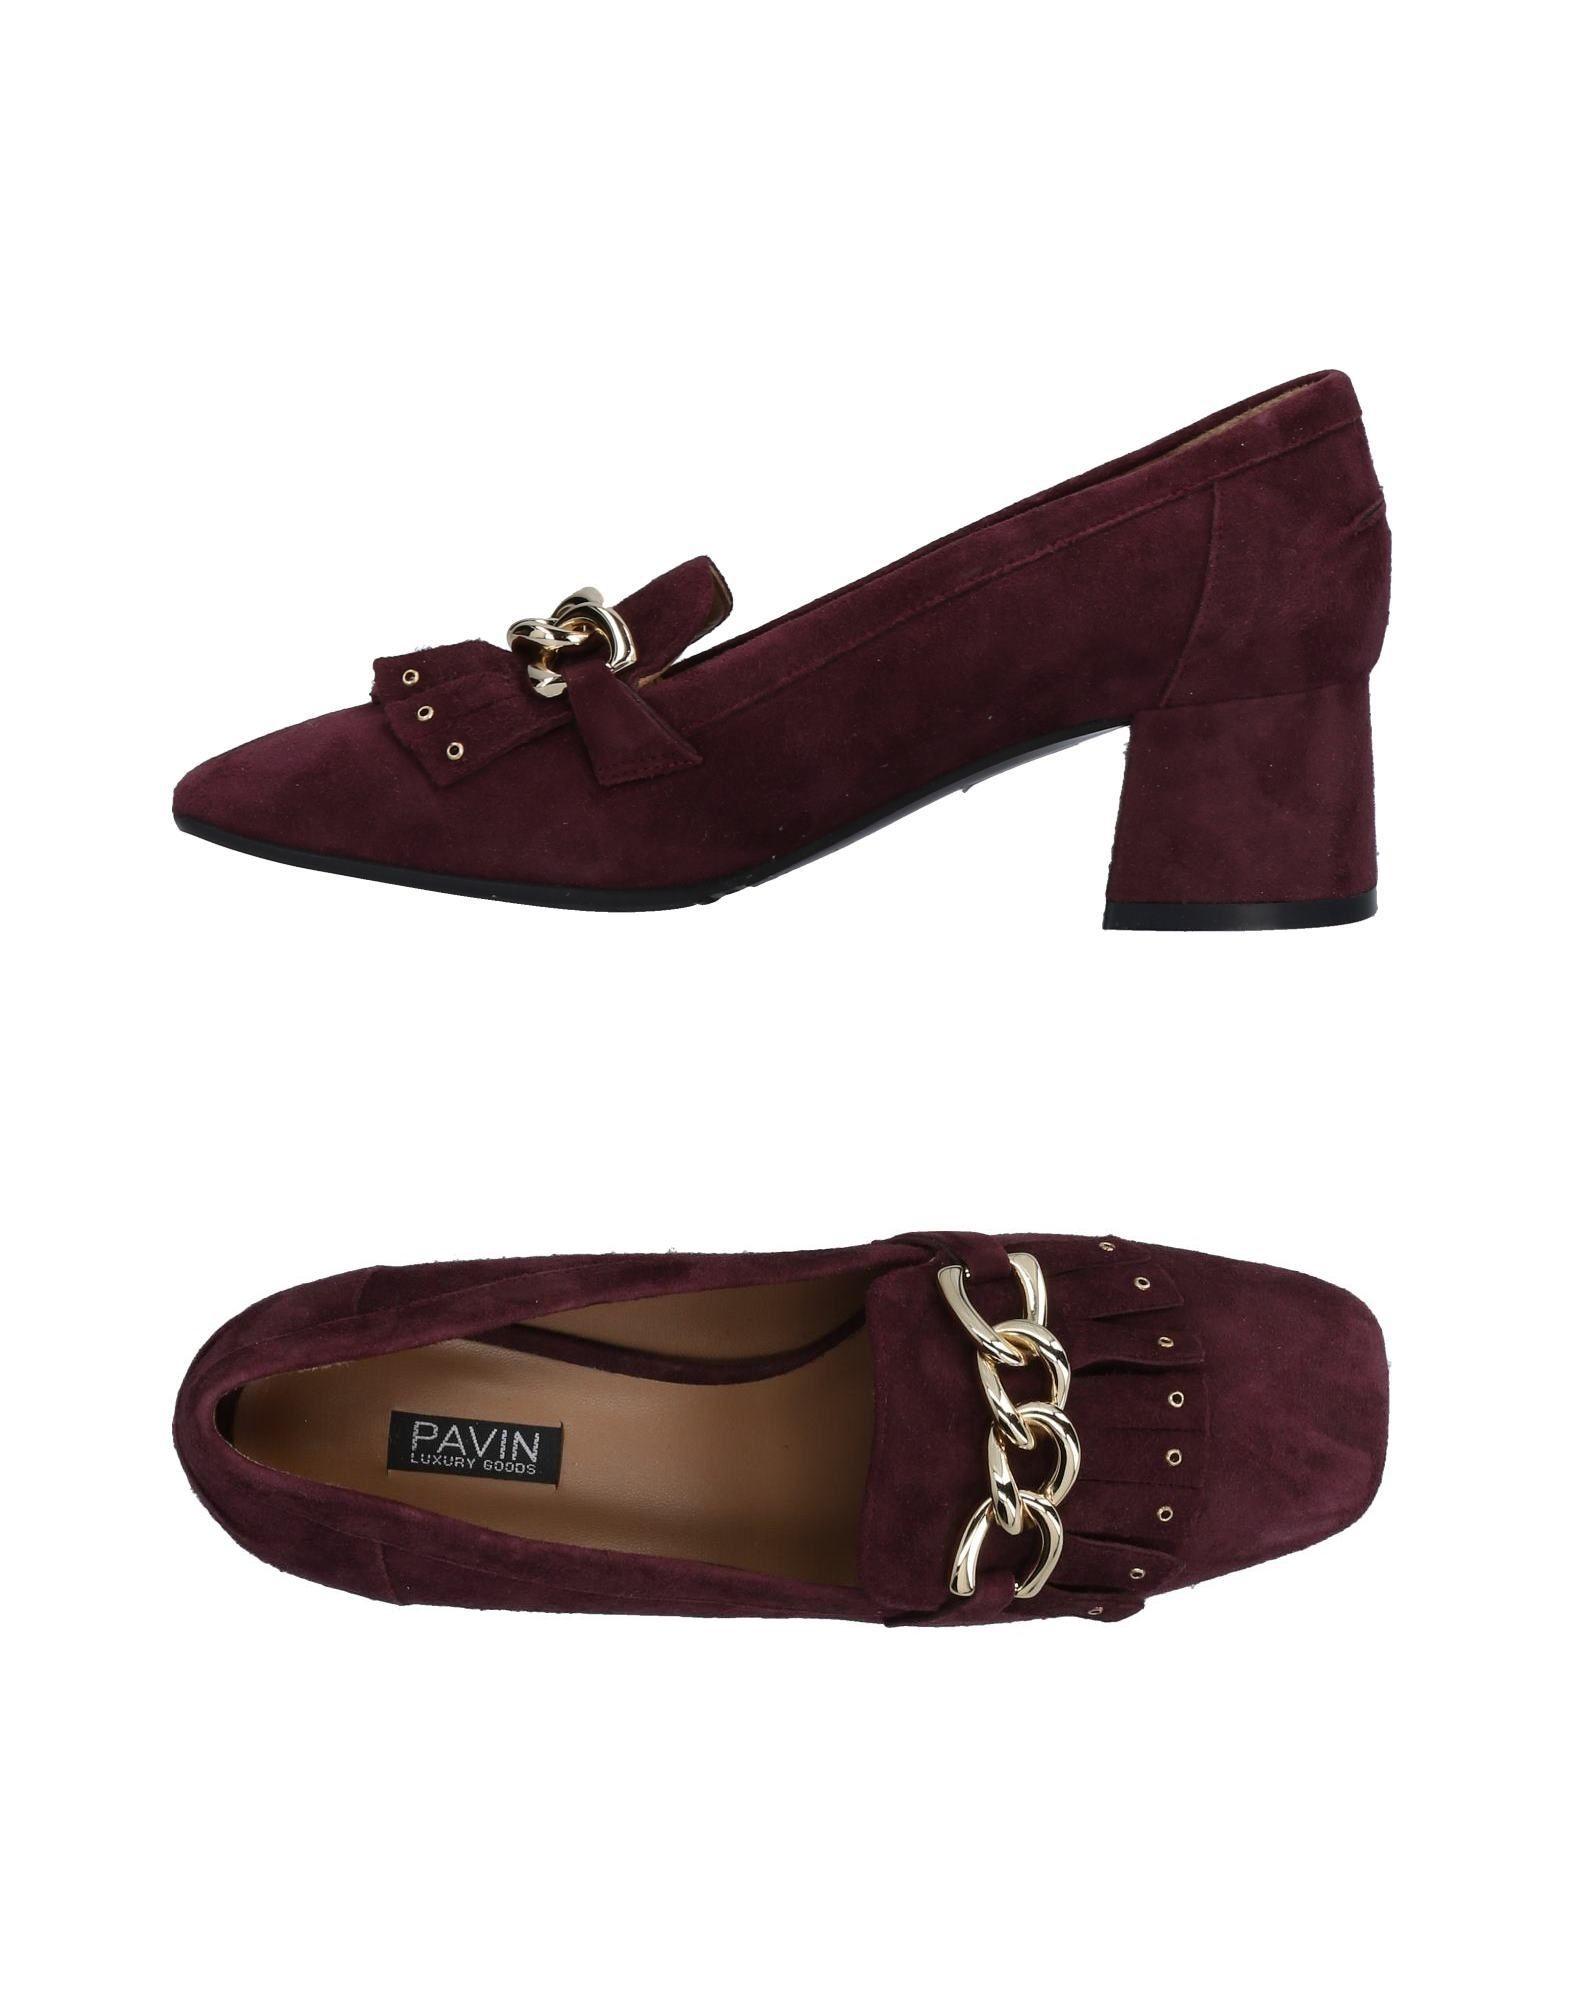 Pavin Mokassins Damen  11483445KF Gute Qualität beliebte Schuhe